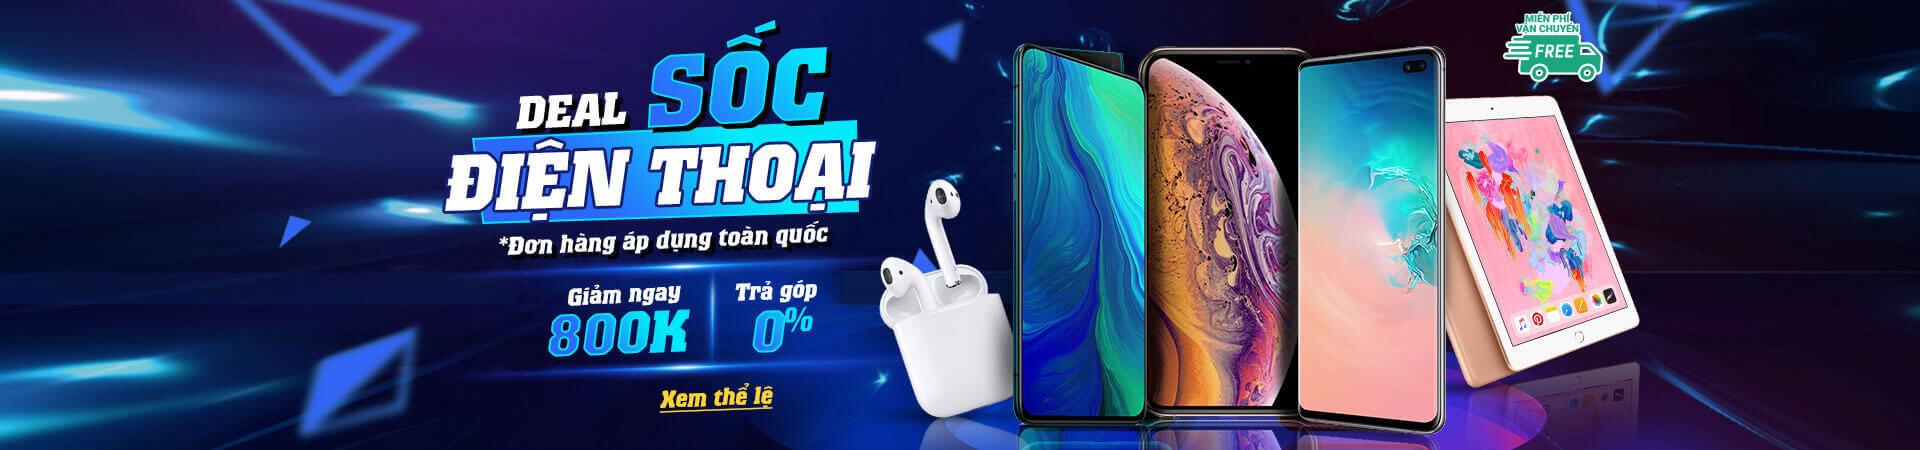 Deal sốc Điện thoại - giảm giá lên tới 800K